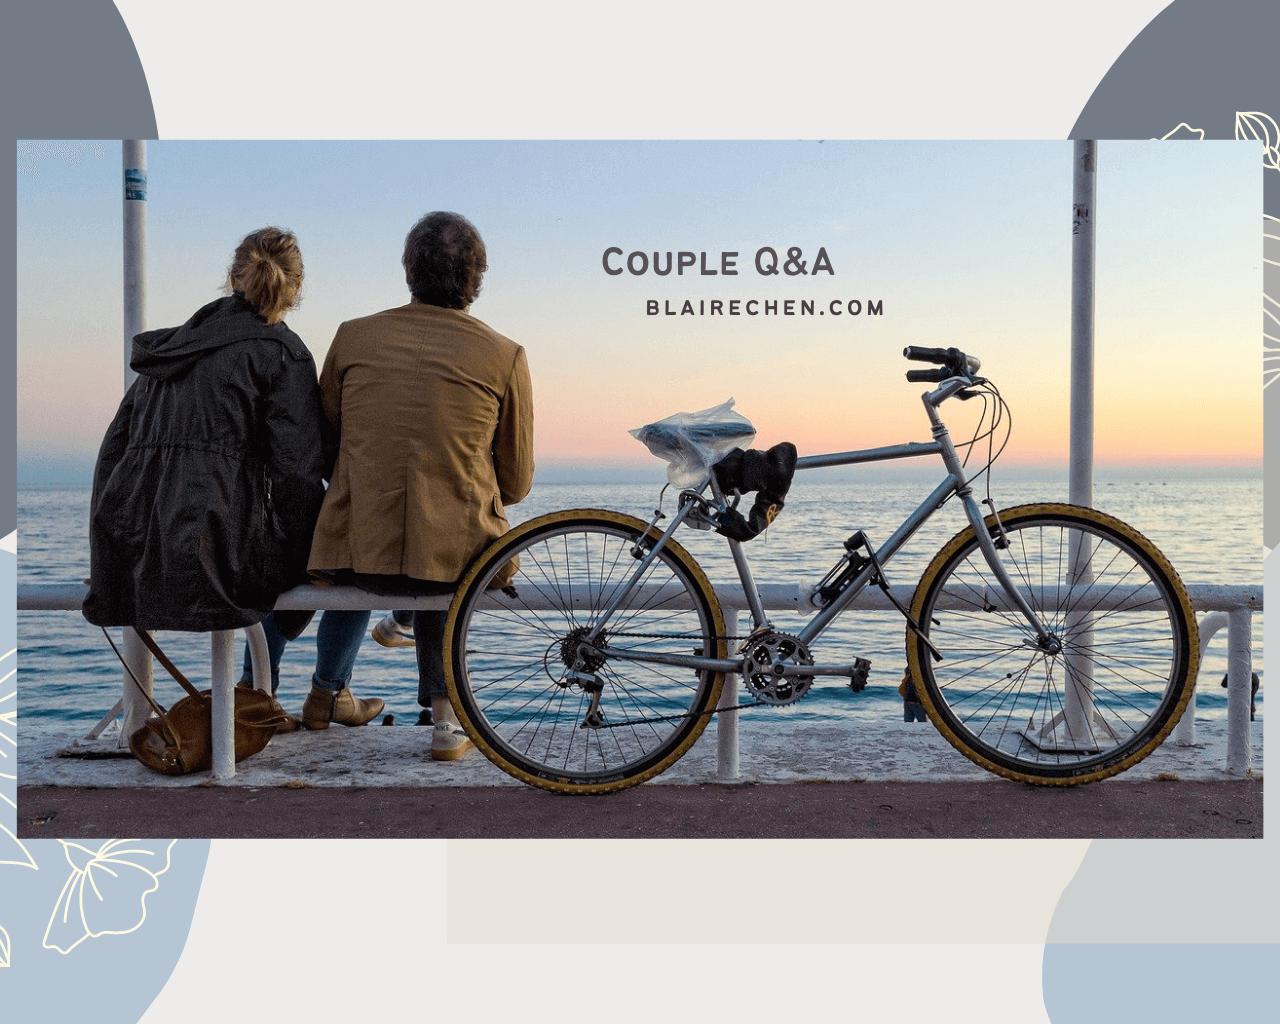 問對問題,讓你們更了解彼此!5 個小問答,透過良好對話,提升感情濃度!